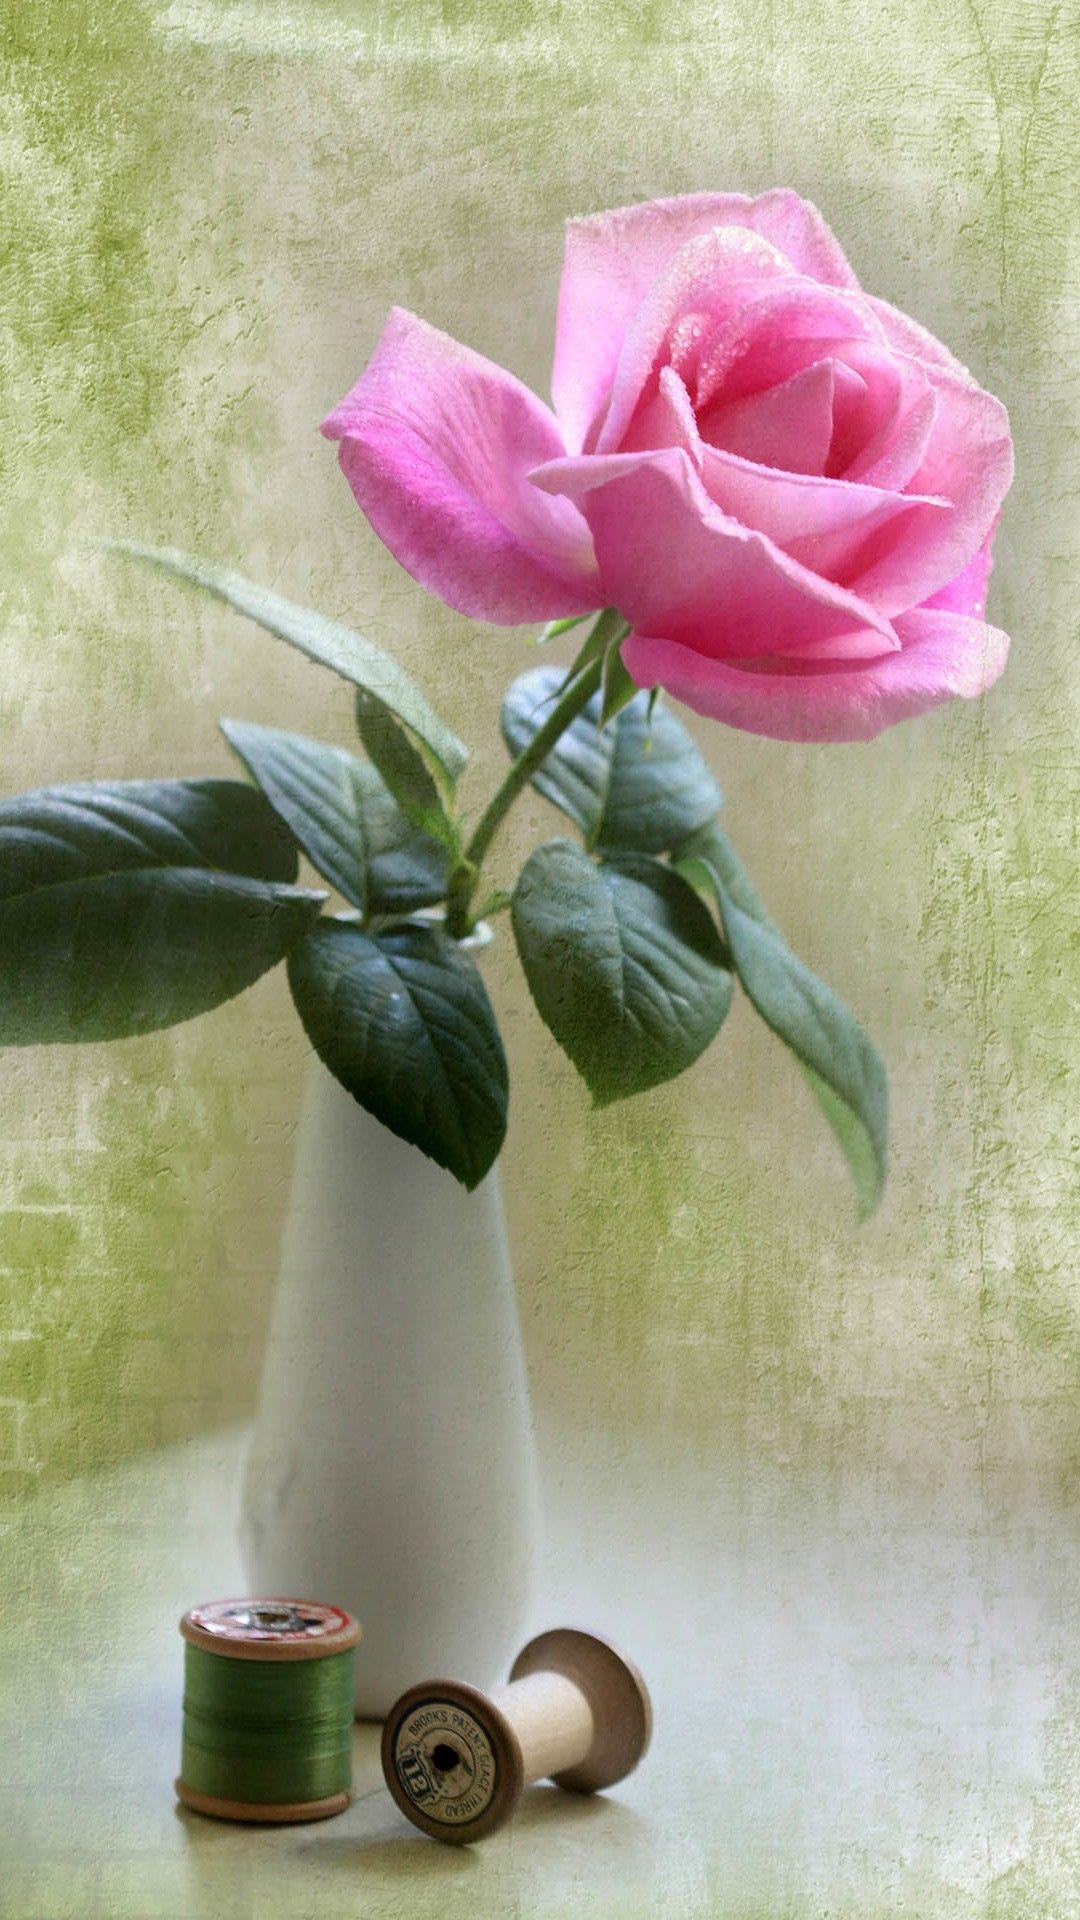 Elegant pink rose vase ikebana art iphone 6 plus - Pink rose wallpaper iphone ...